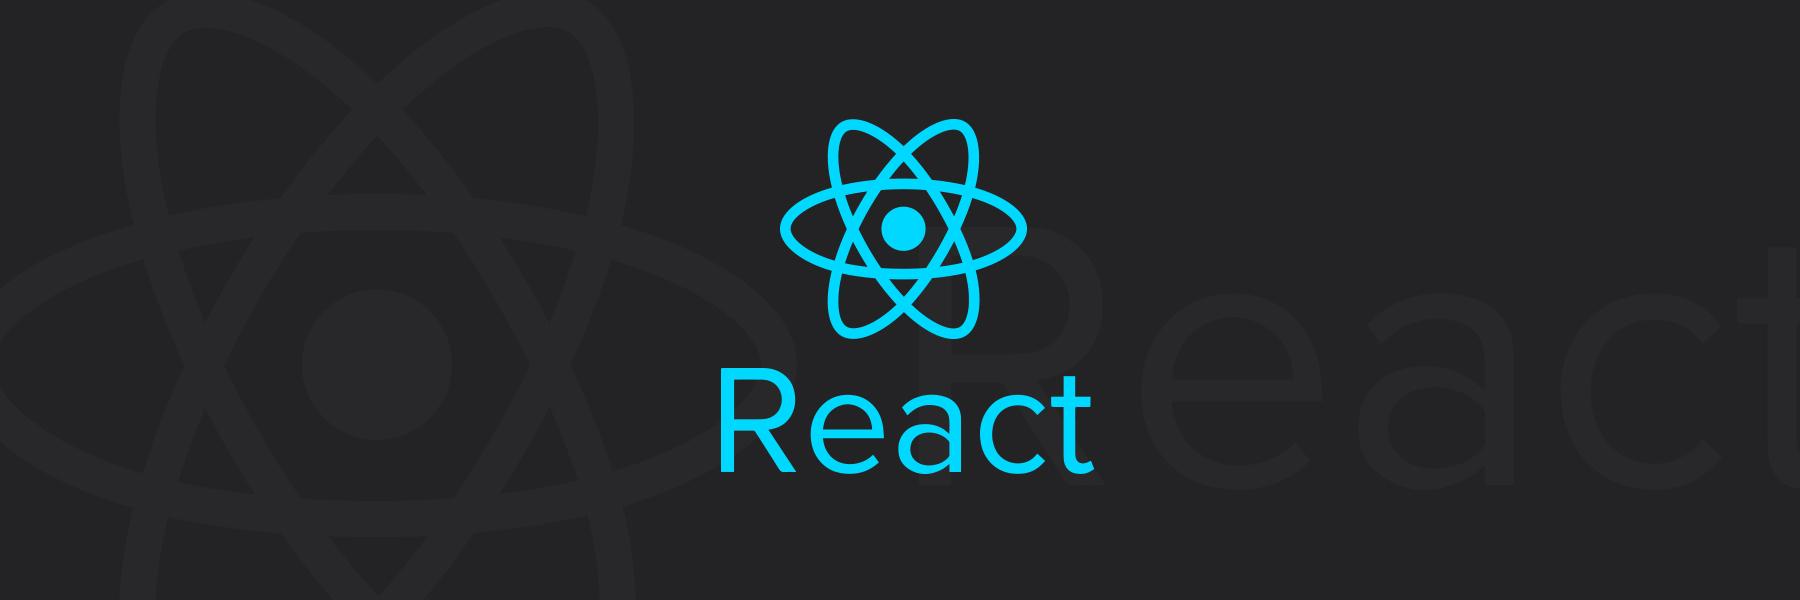 نگاهی به نسخه جدید ریاکت ۱۶.۶ و نسخه آینده آن